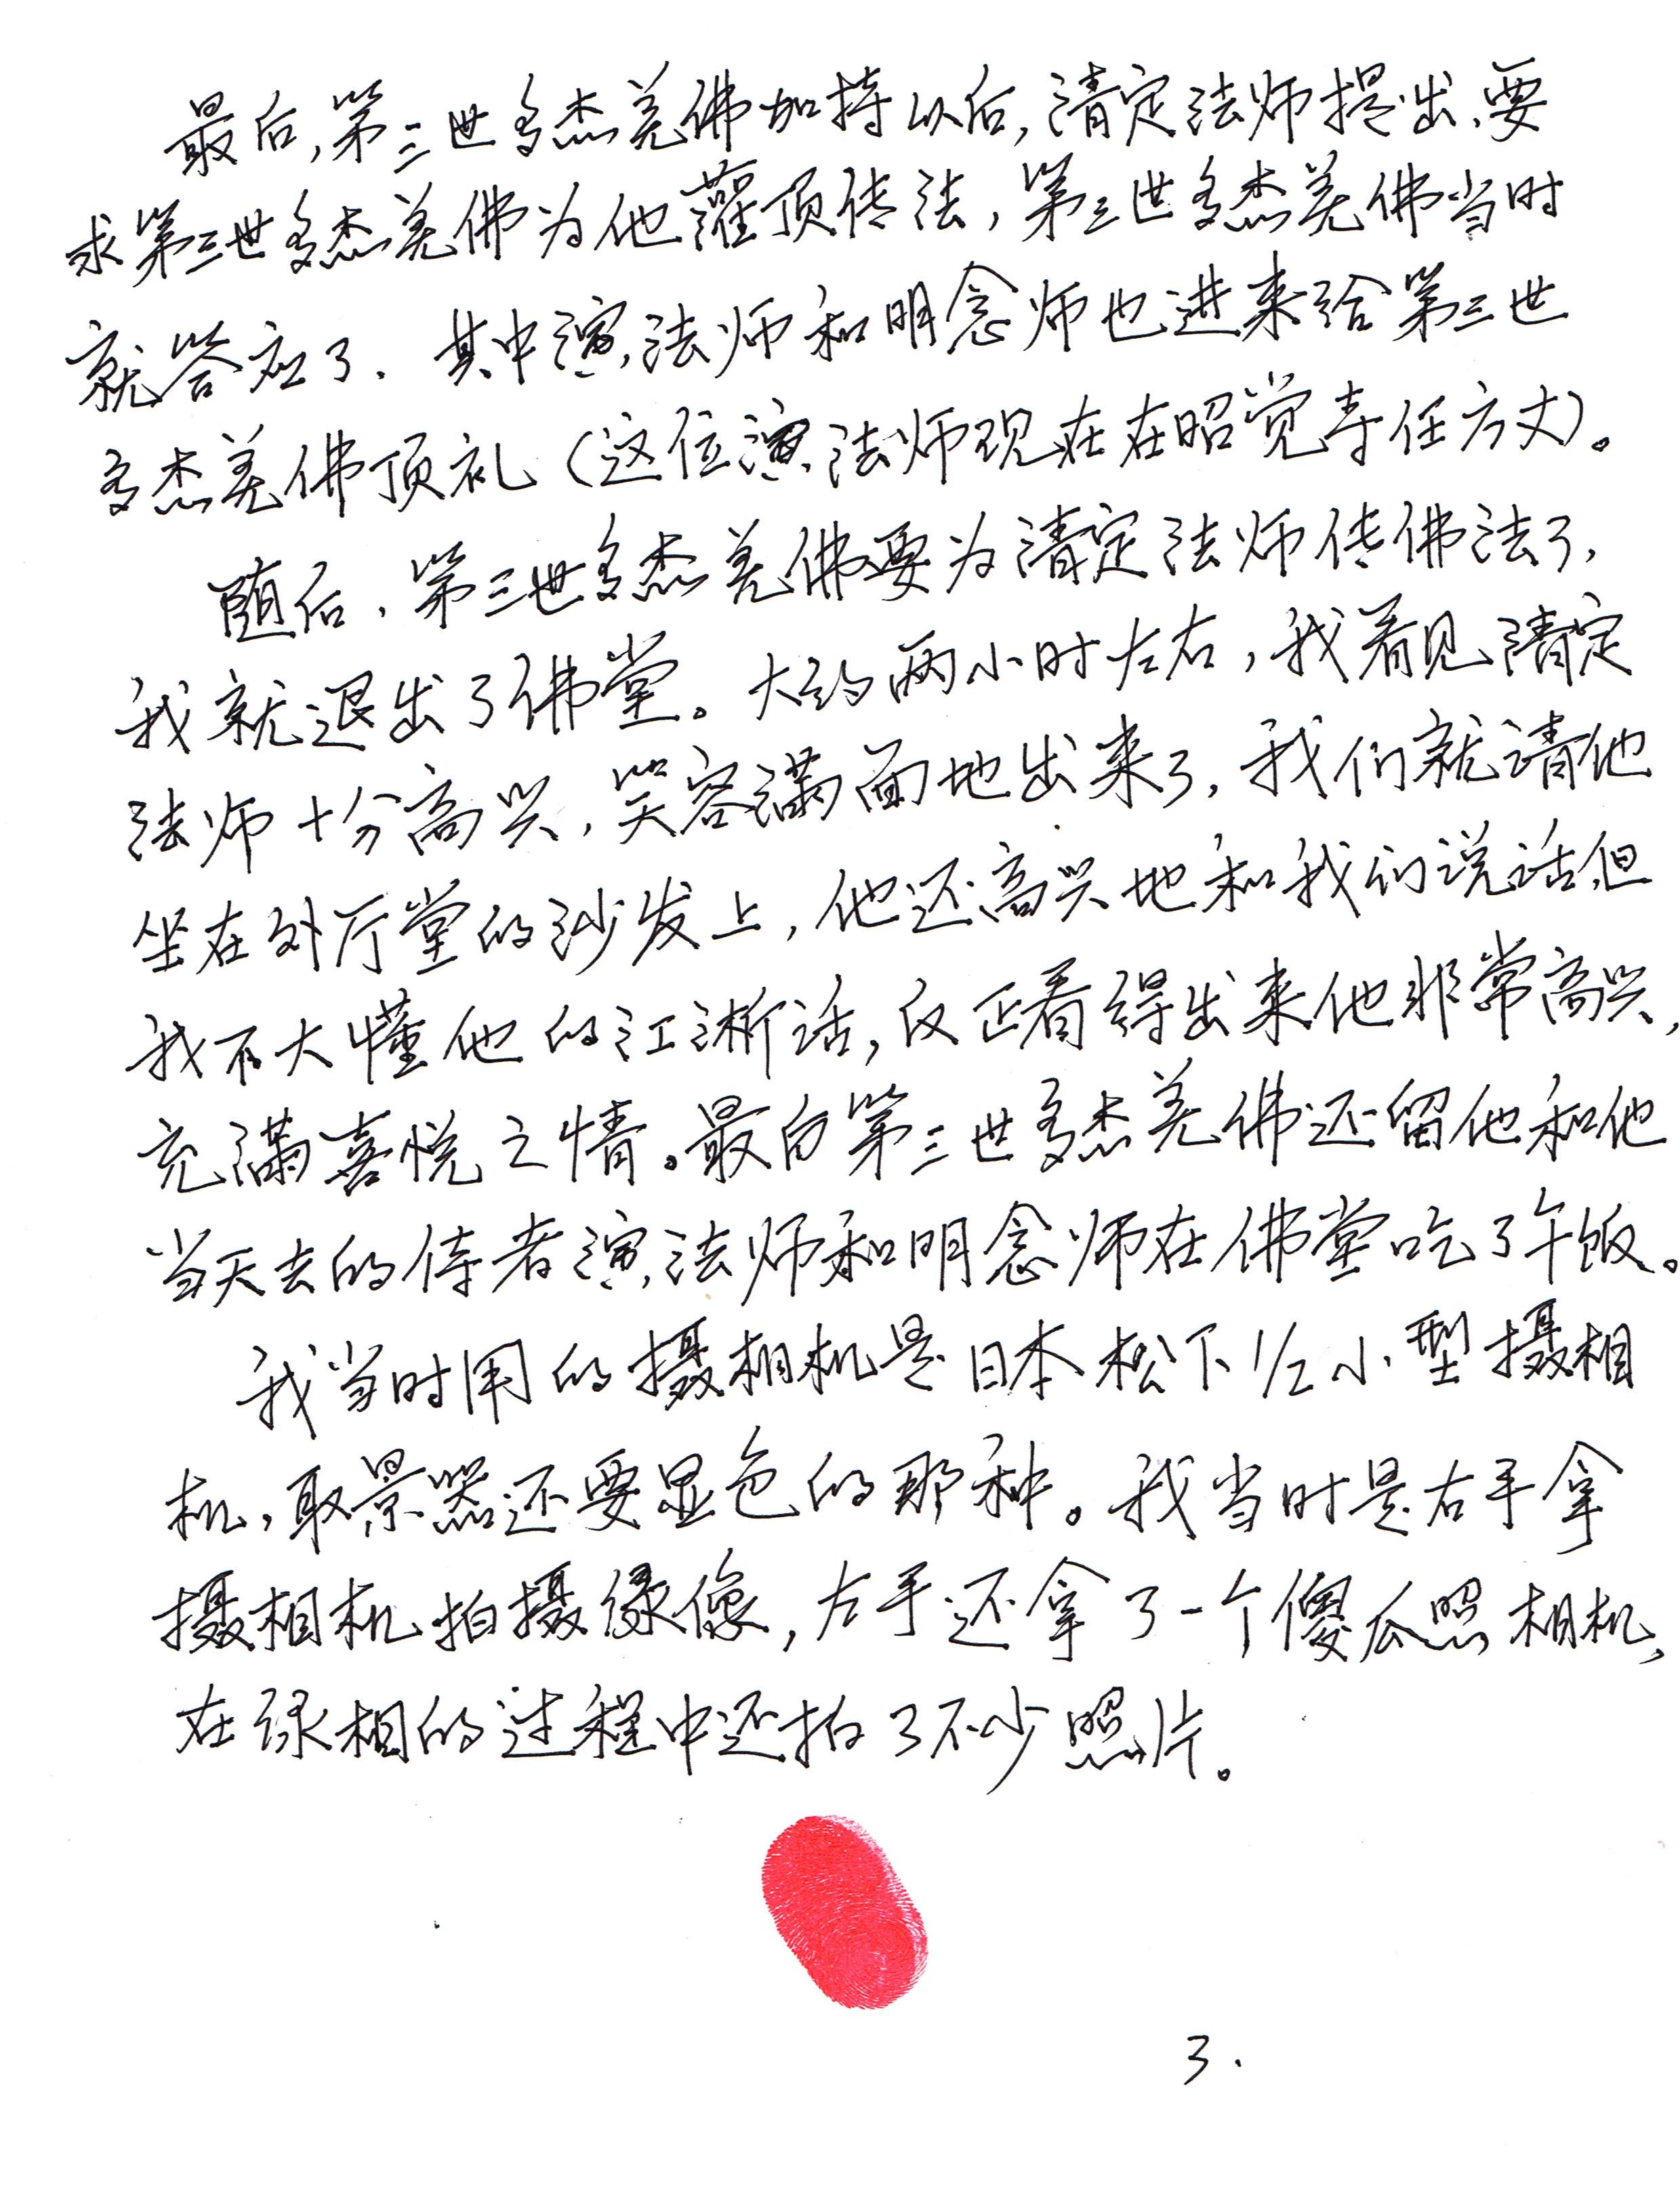 中国佛教第一高僧清定法师拜南无第三世多杰羌佛为师 第7张